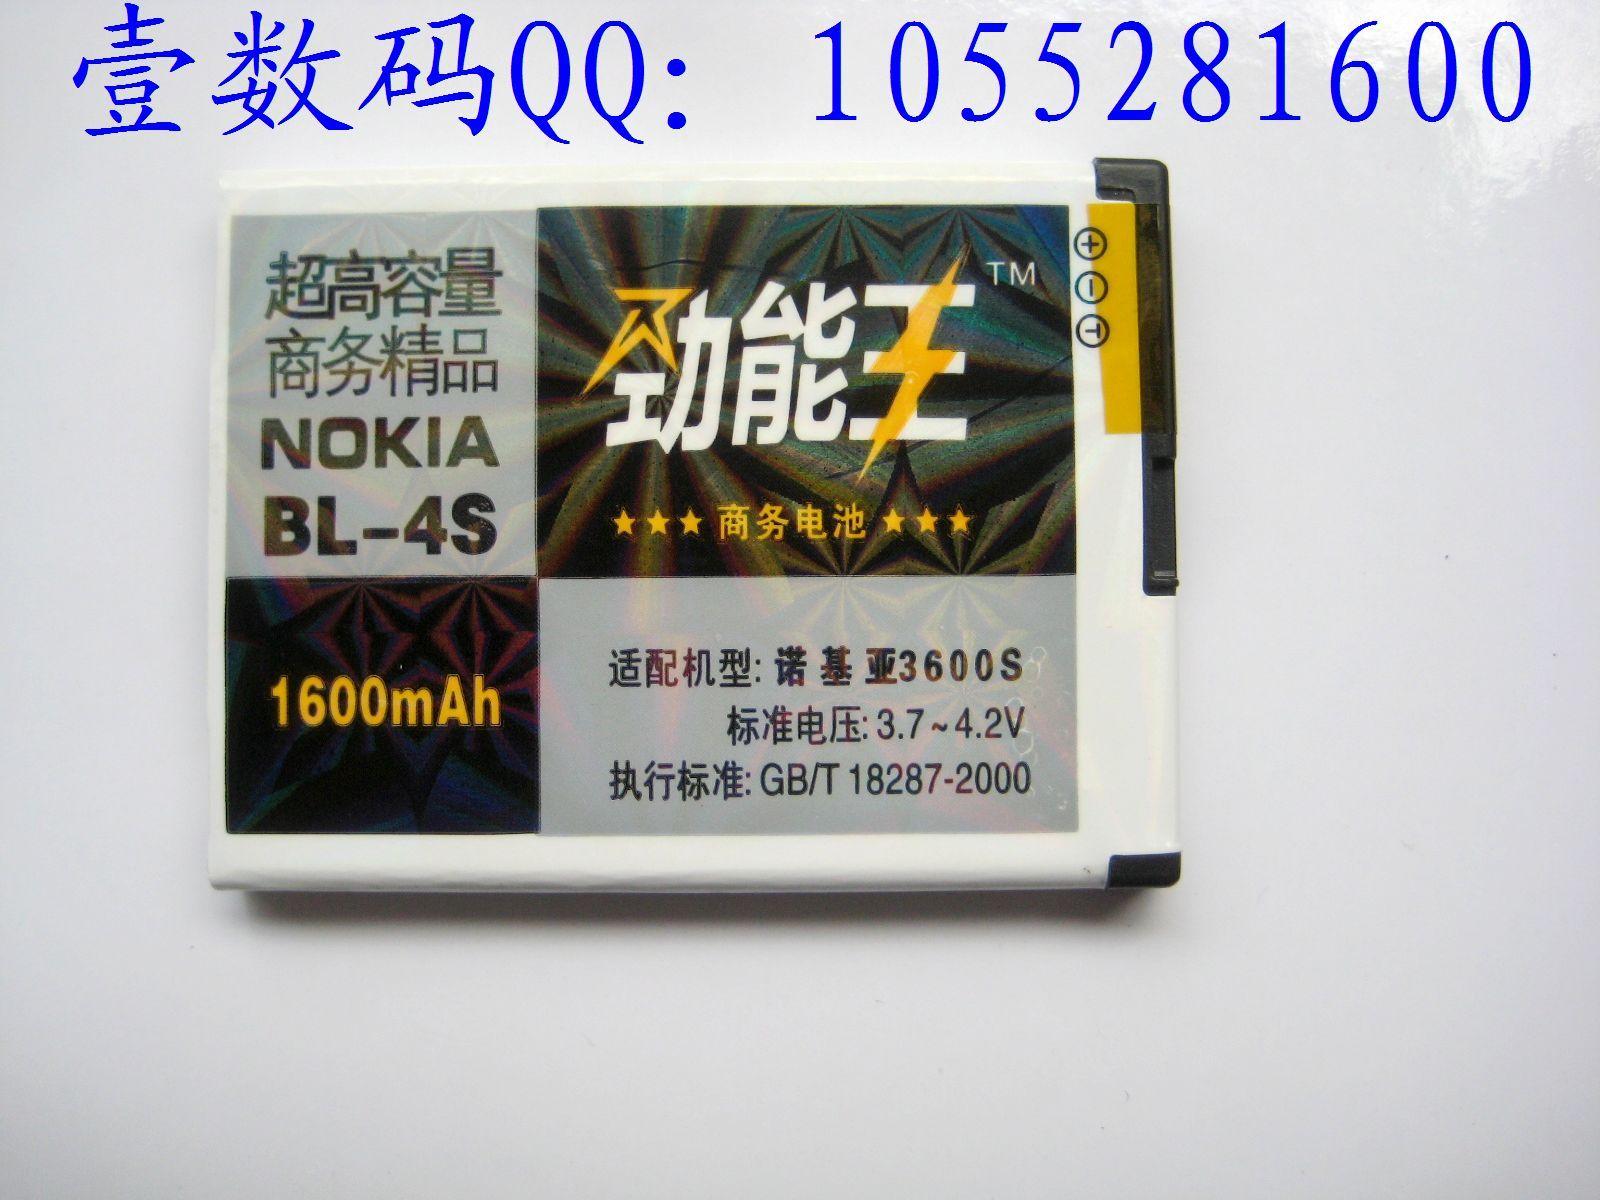 特价劲能王商务电池 诺基亚X3-02 3710F 3711电池 BL-4S 价格:20.00